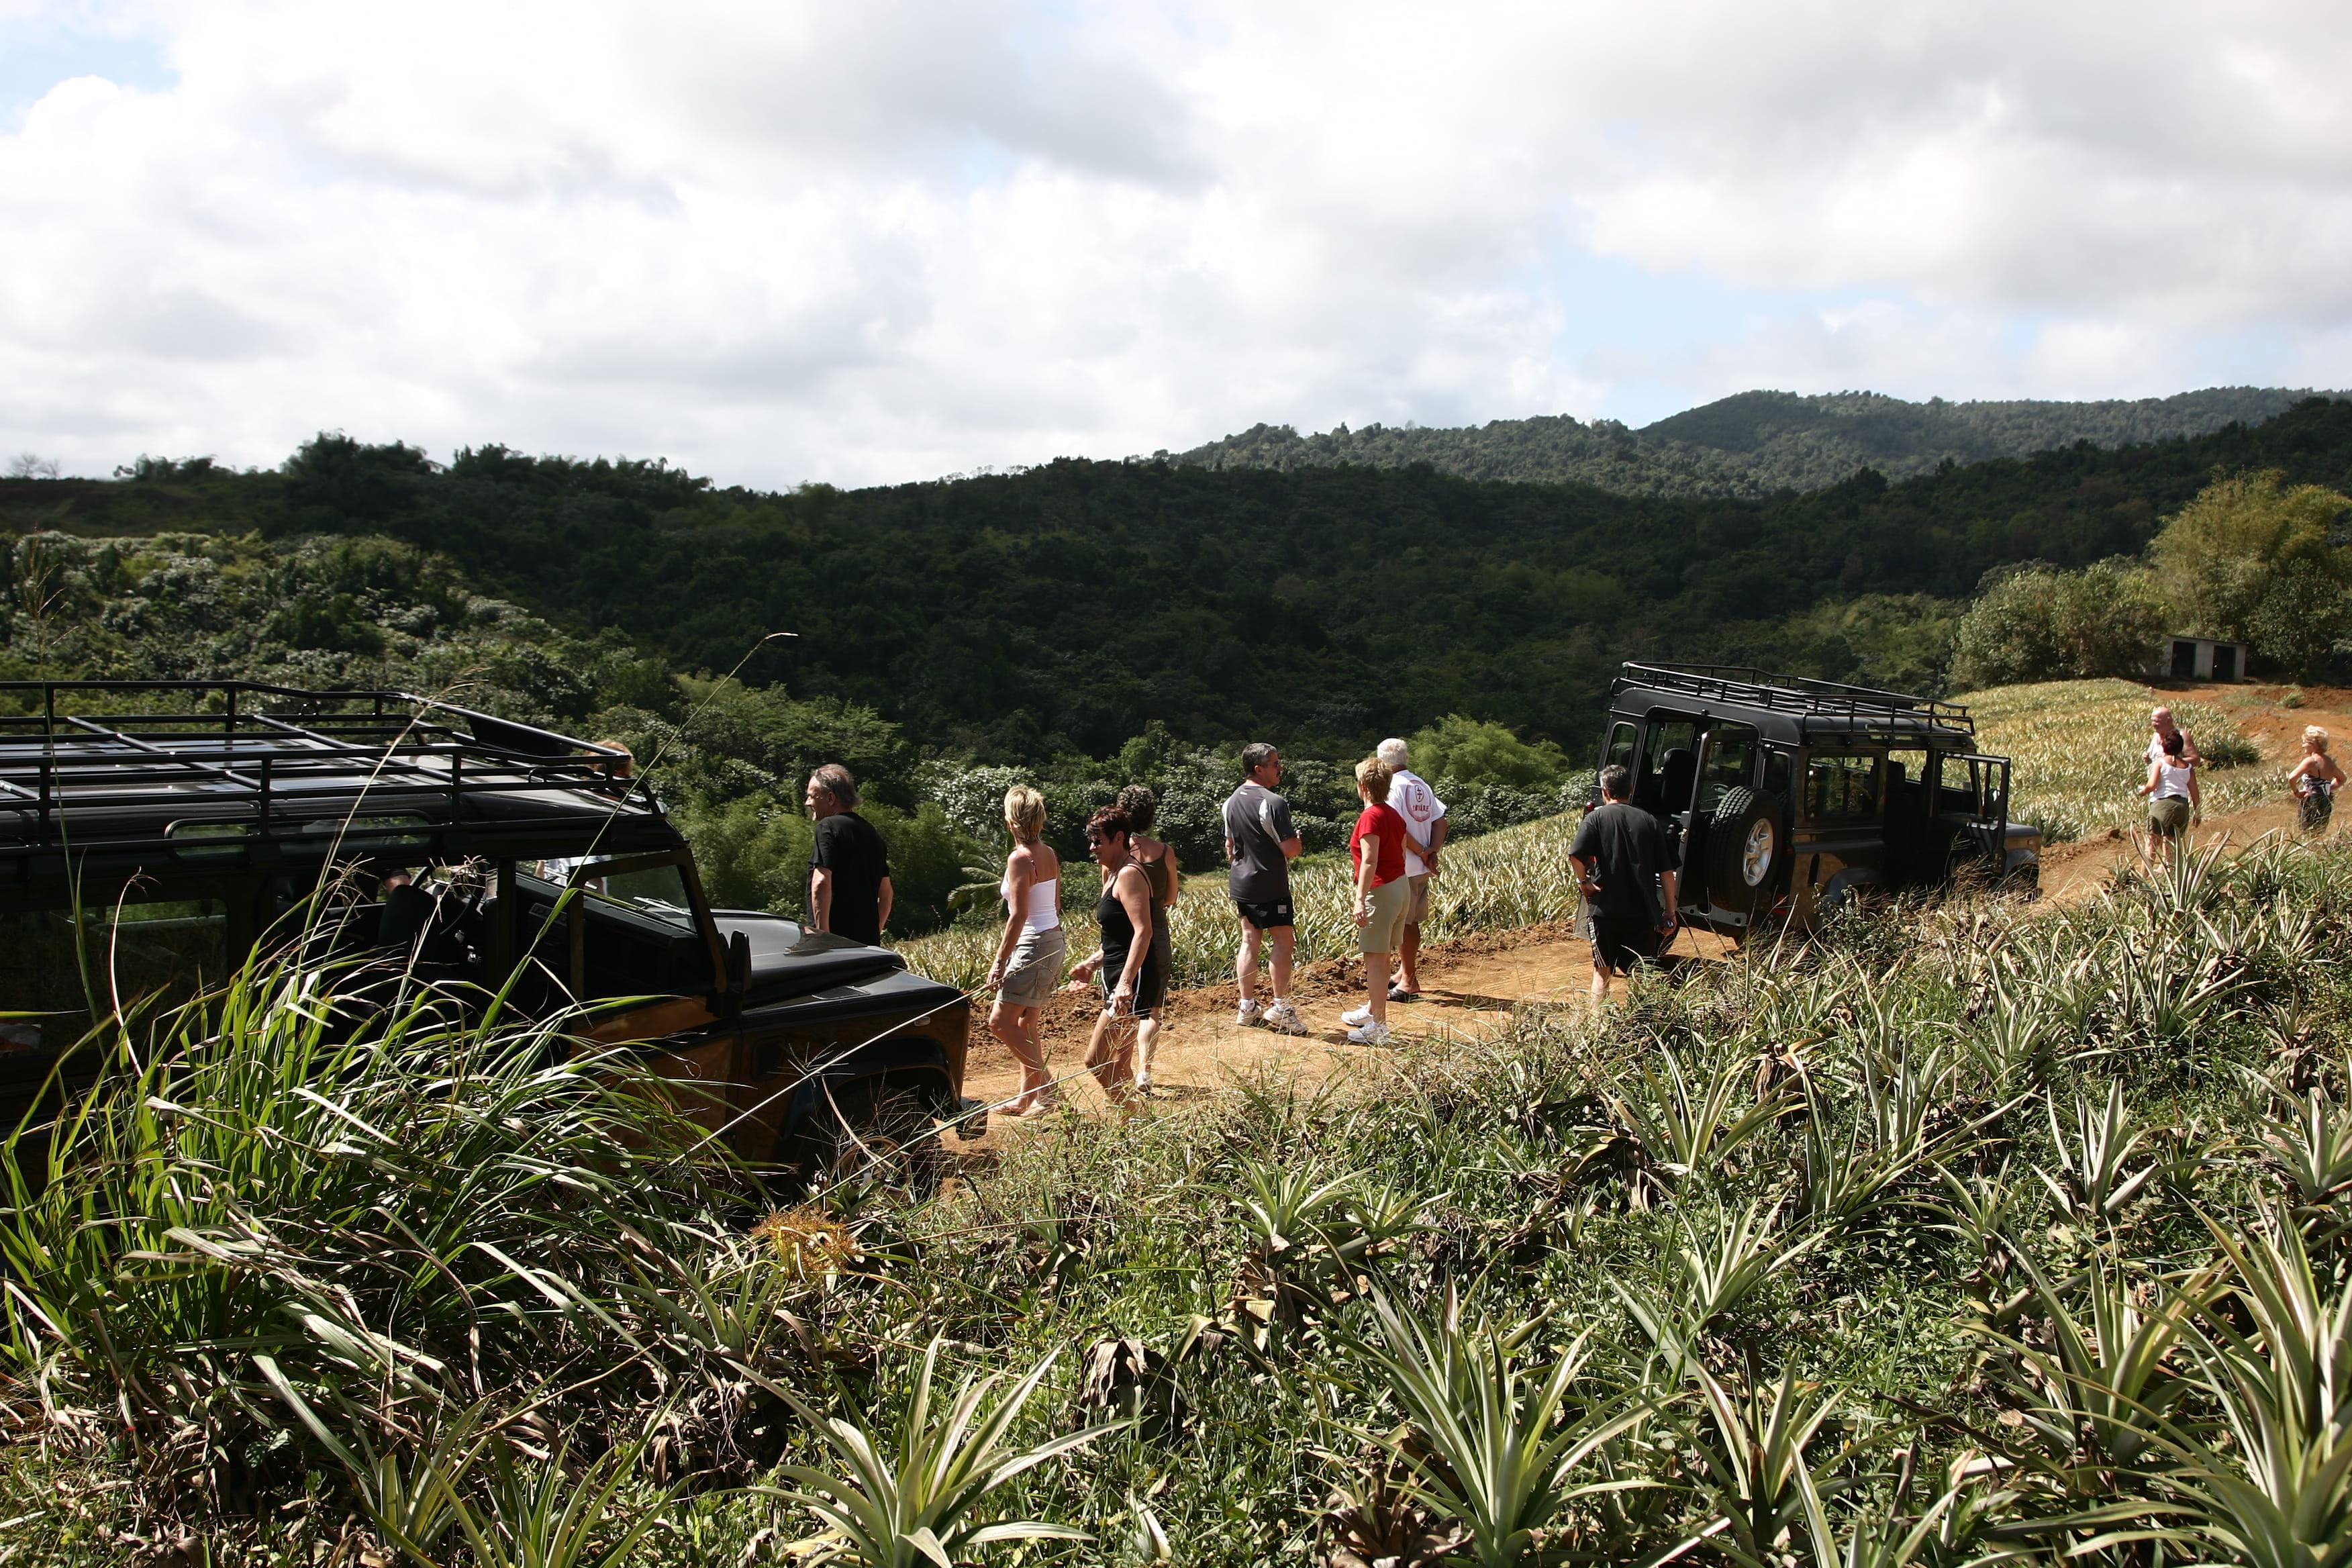 Excurssion privatif en 4x4 dans le Nord Basse Terre de la Guadeloupe